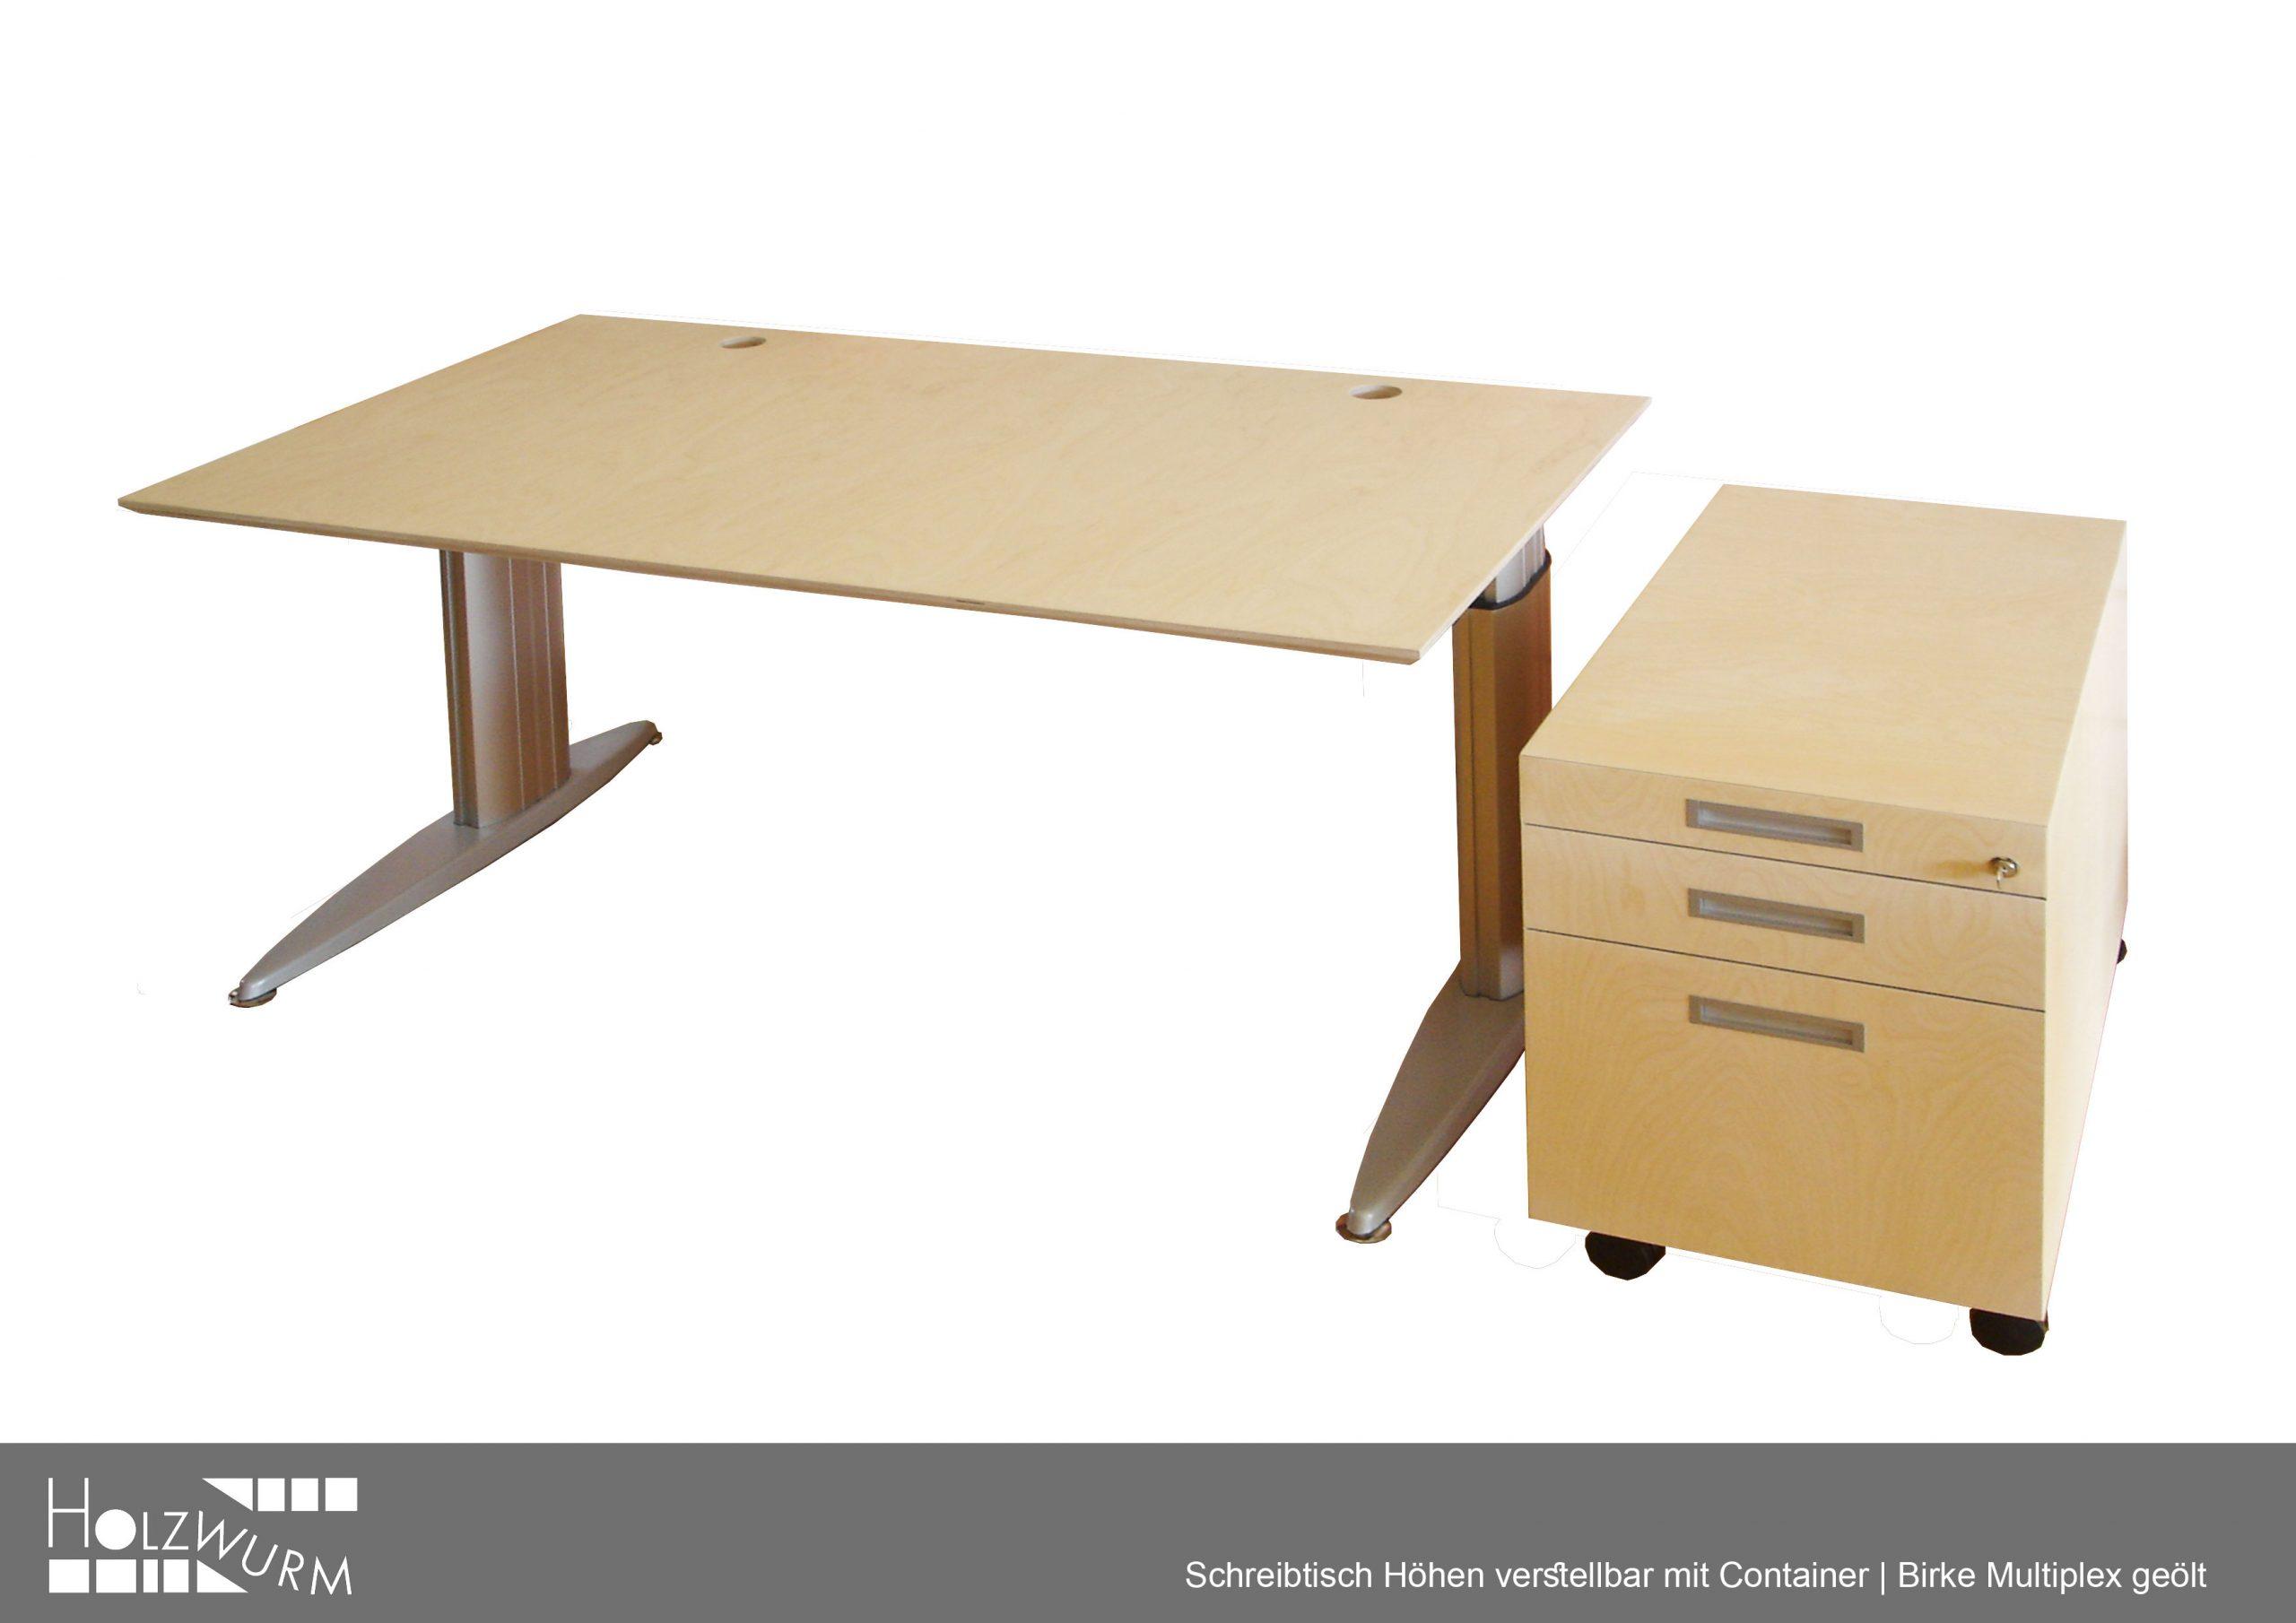 Schreibtisch höhenverstellbar Container Multiplex Birke